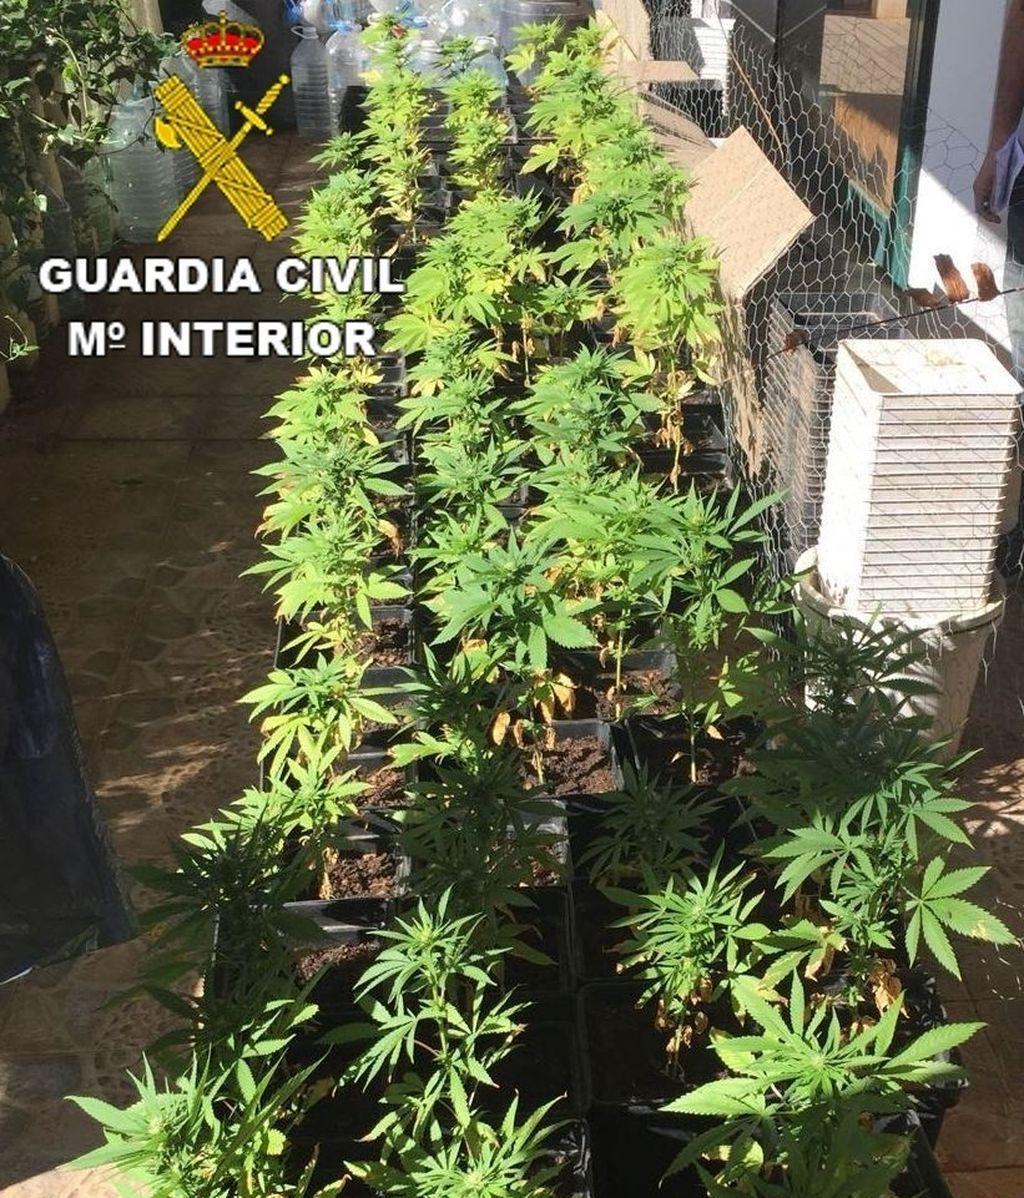 Detenido en Lanzarote por cultivar 81 plantas de marihuana en su casa